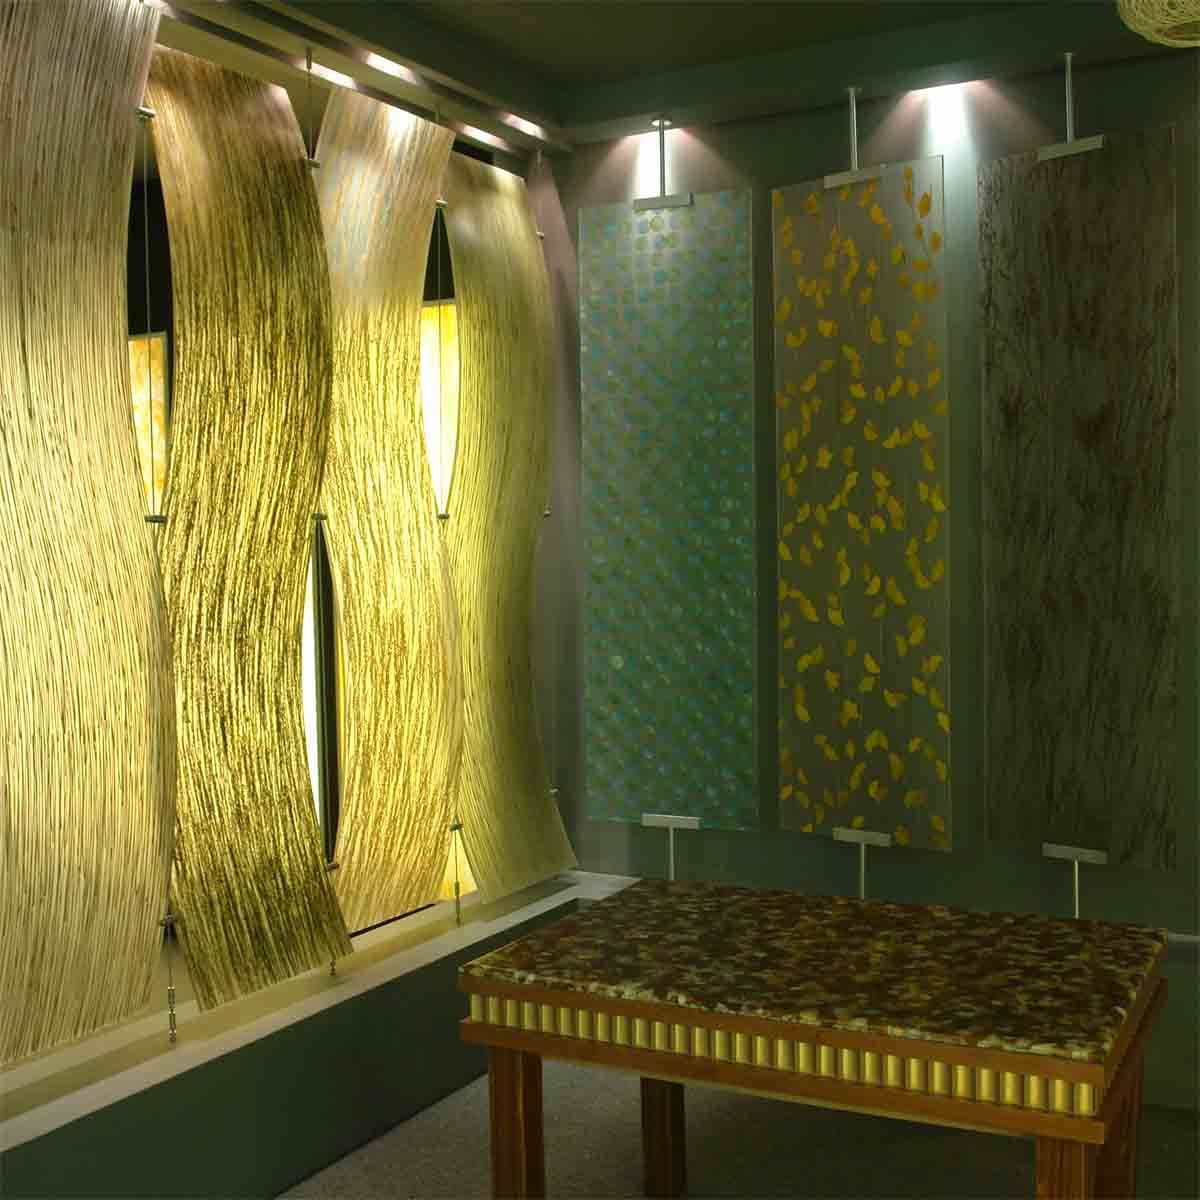 acrylic panels | wall treatment | Pinterest | Acrylic panels, Walls ...